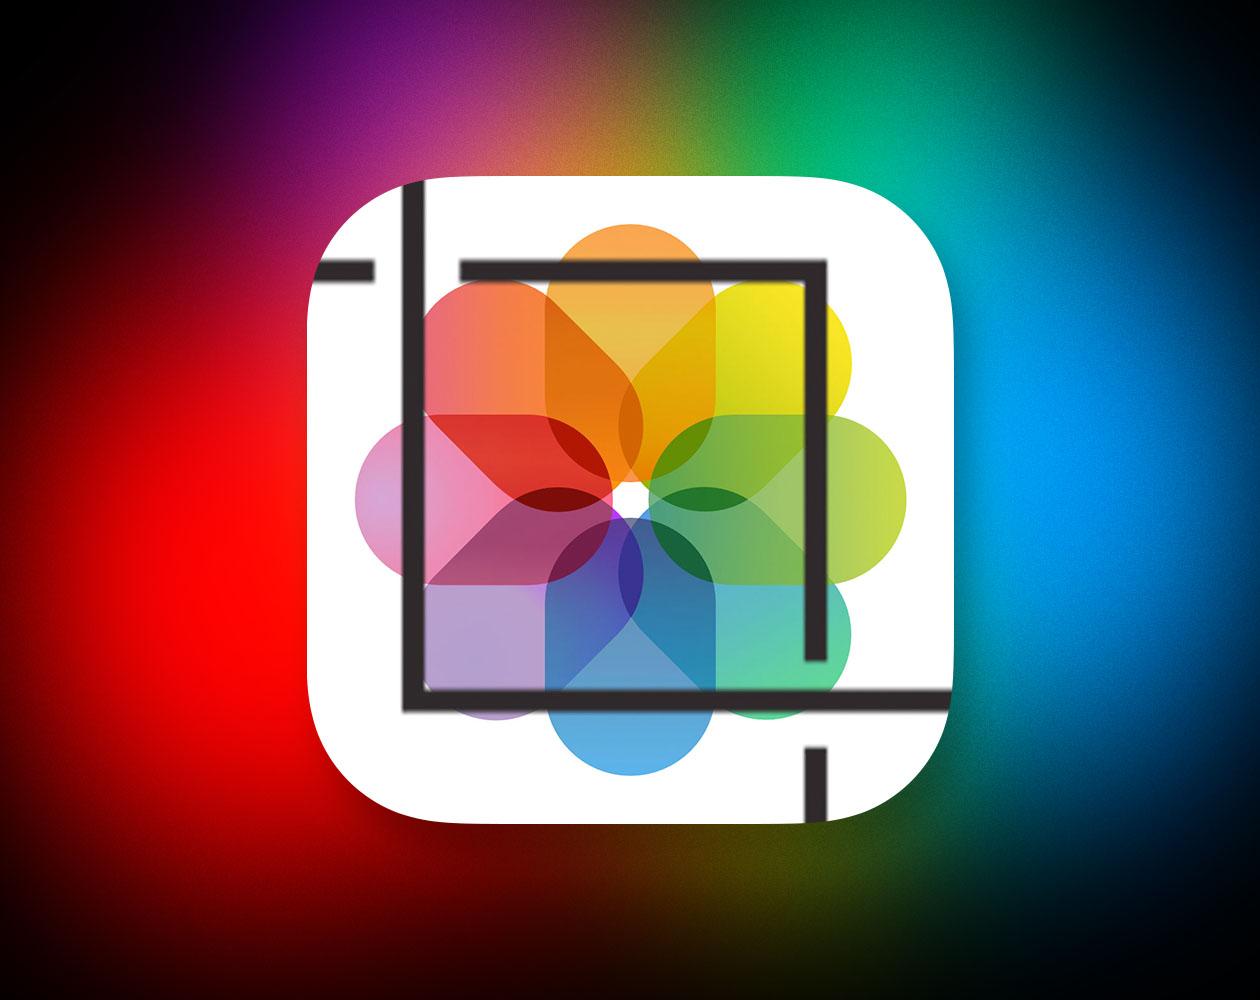 Как быстро обрезать фотографию на iPhone без подключения к компьютеру